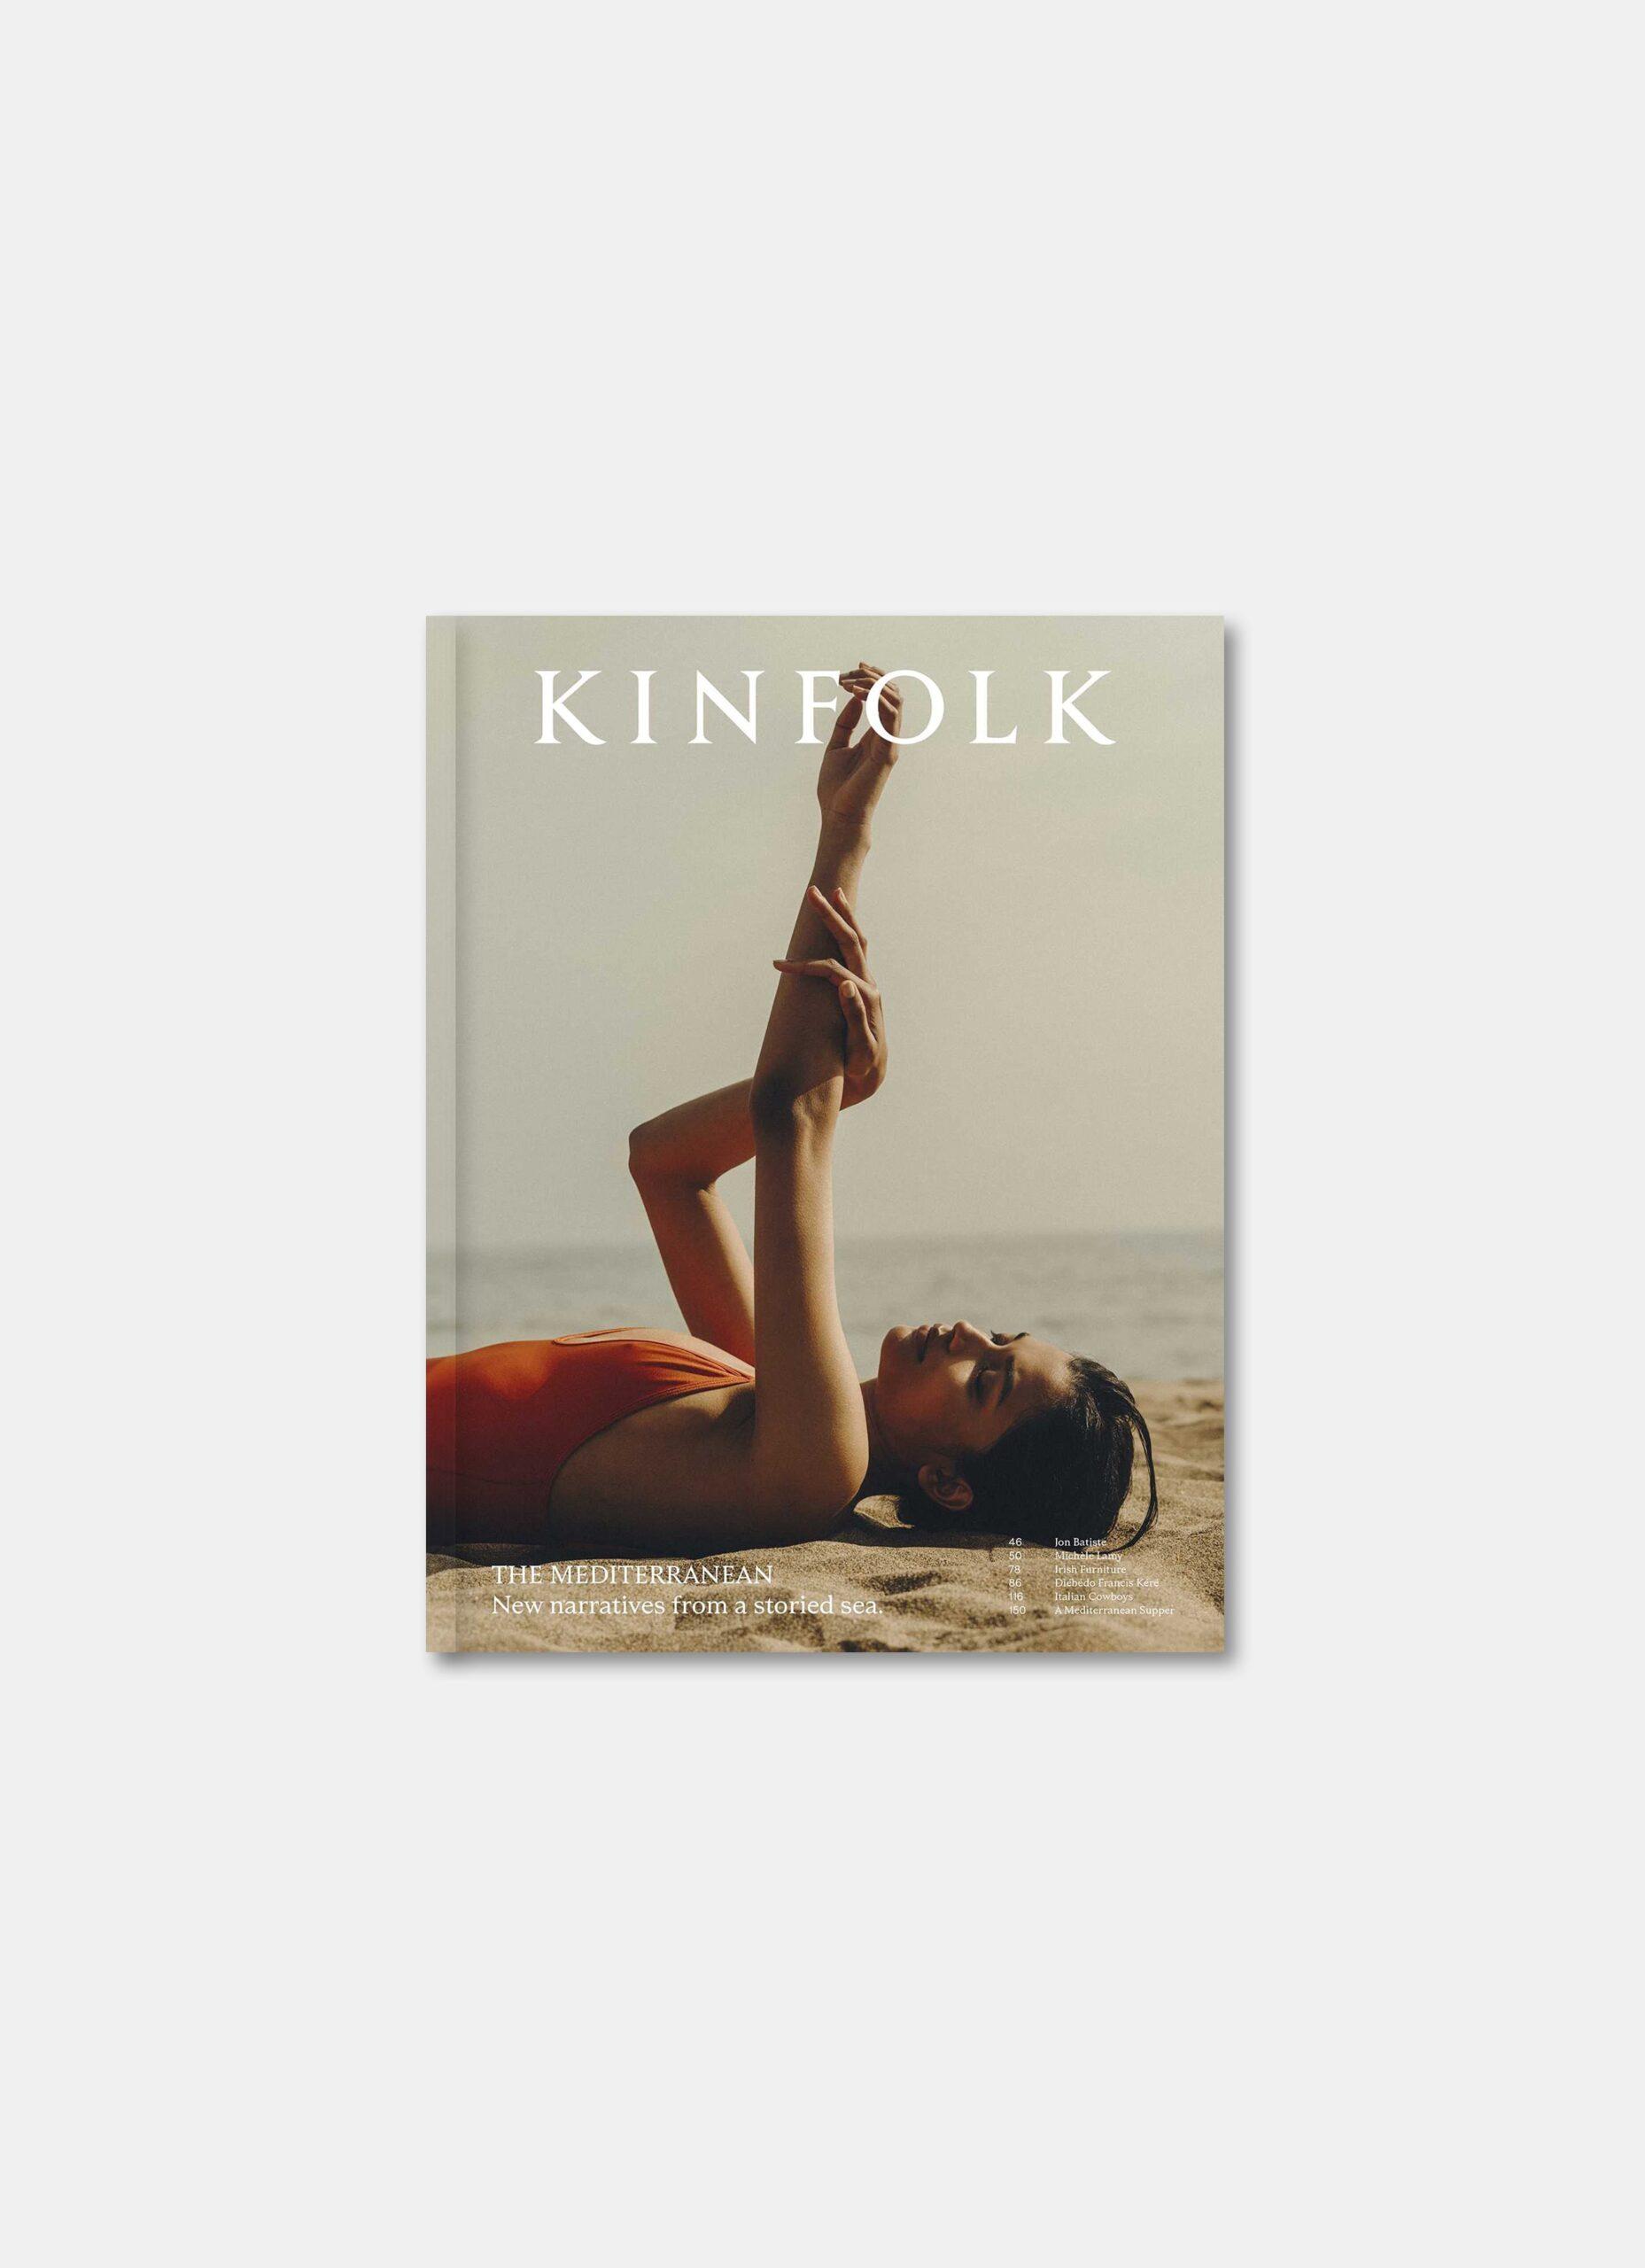 Kinfolk Magazine - Issue 41 - The Mediterranean